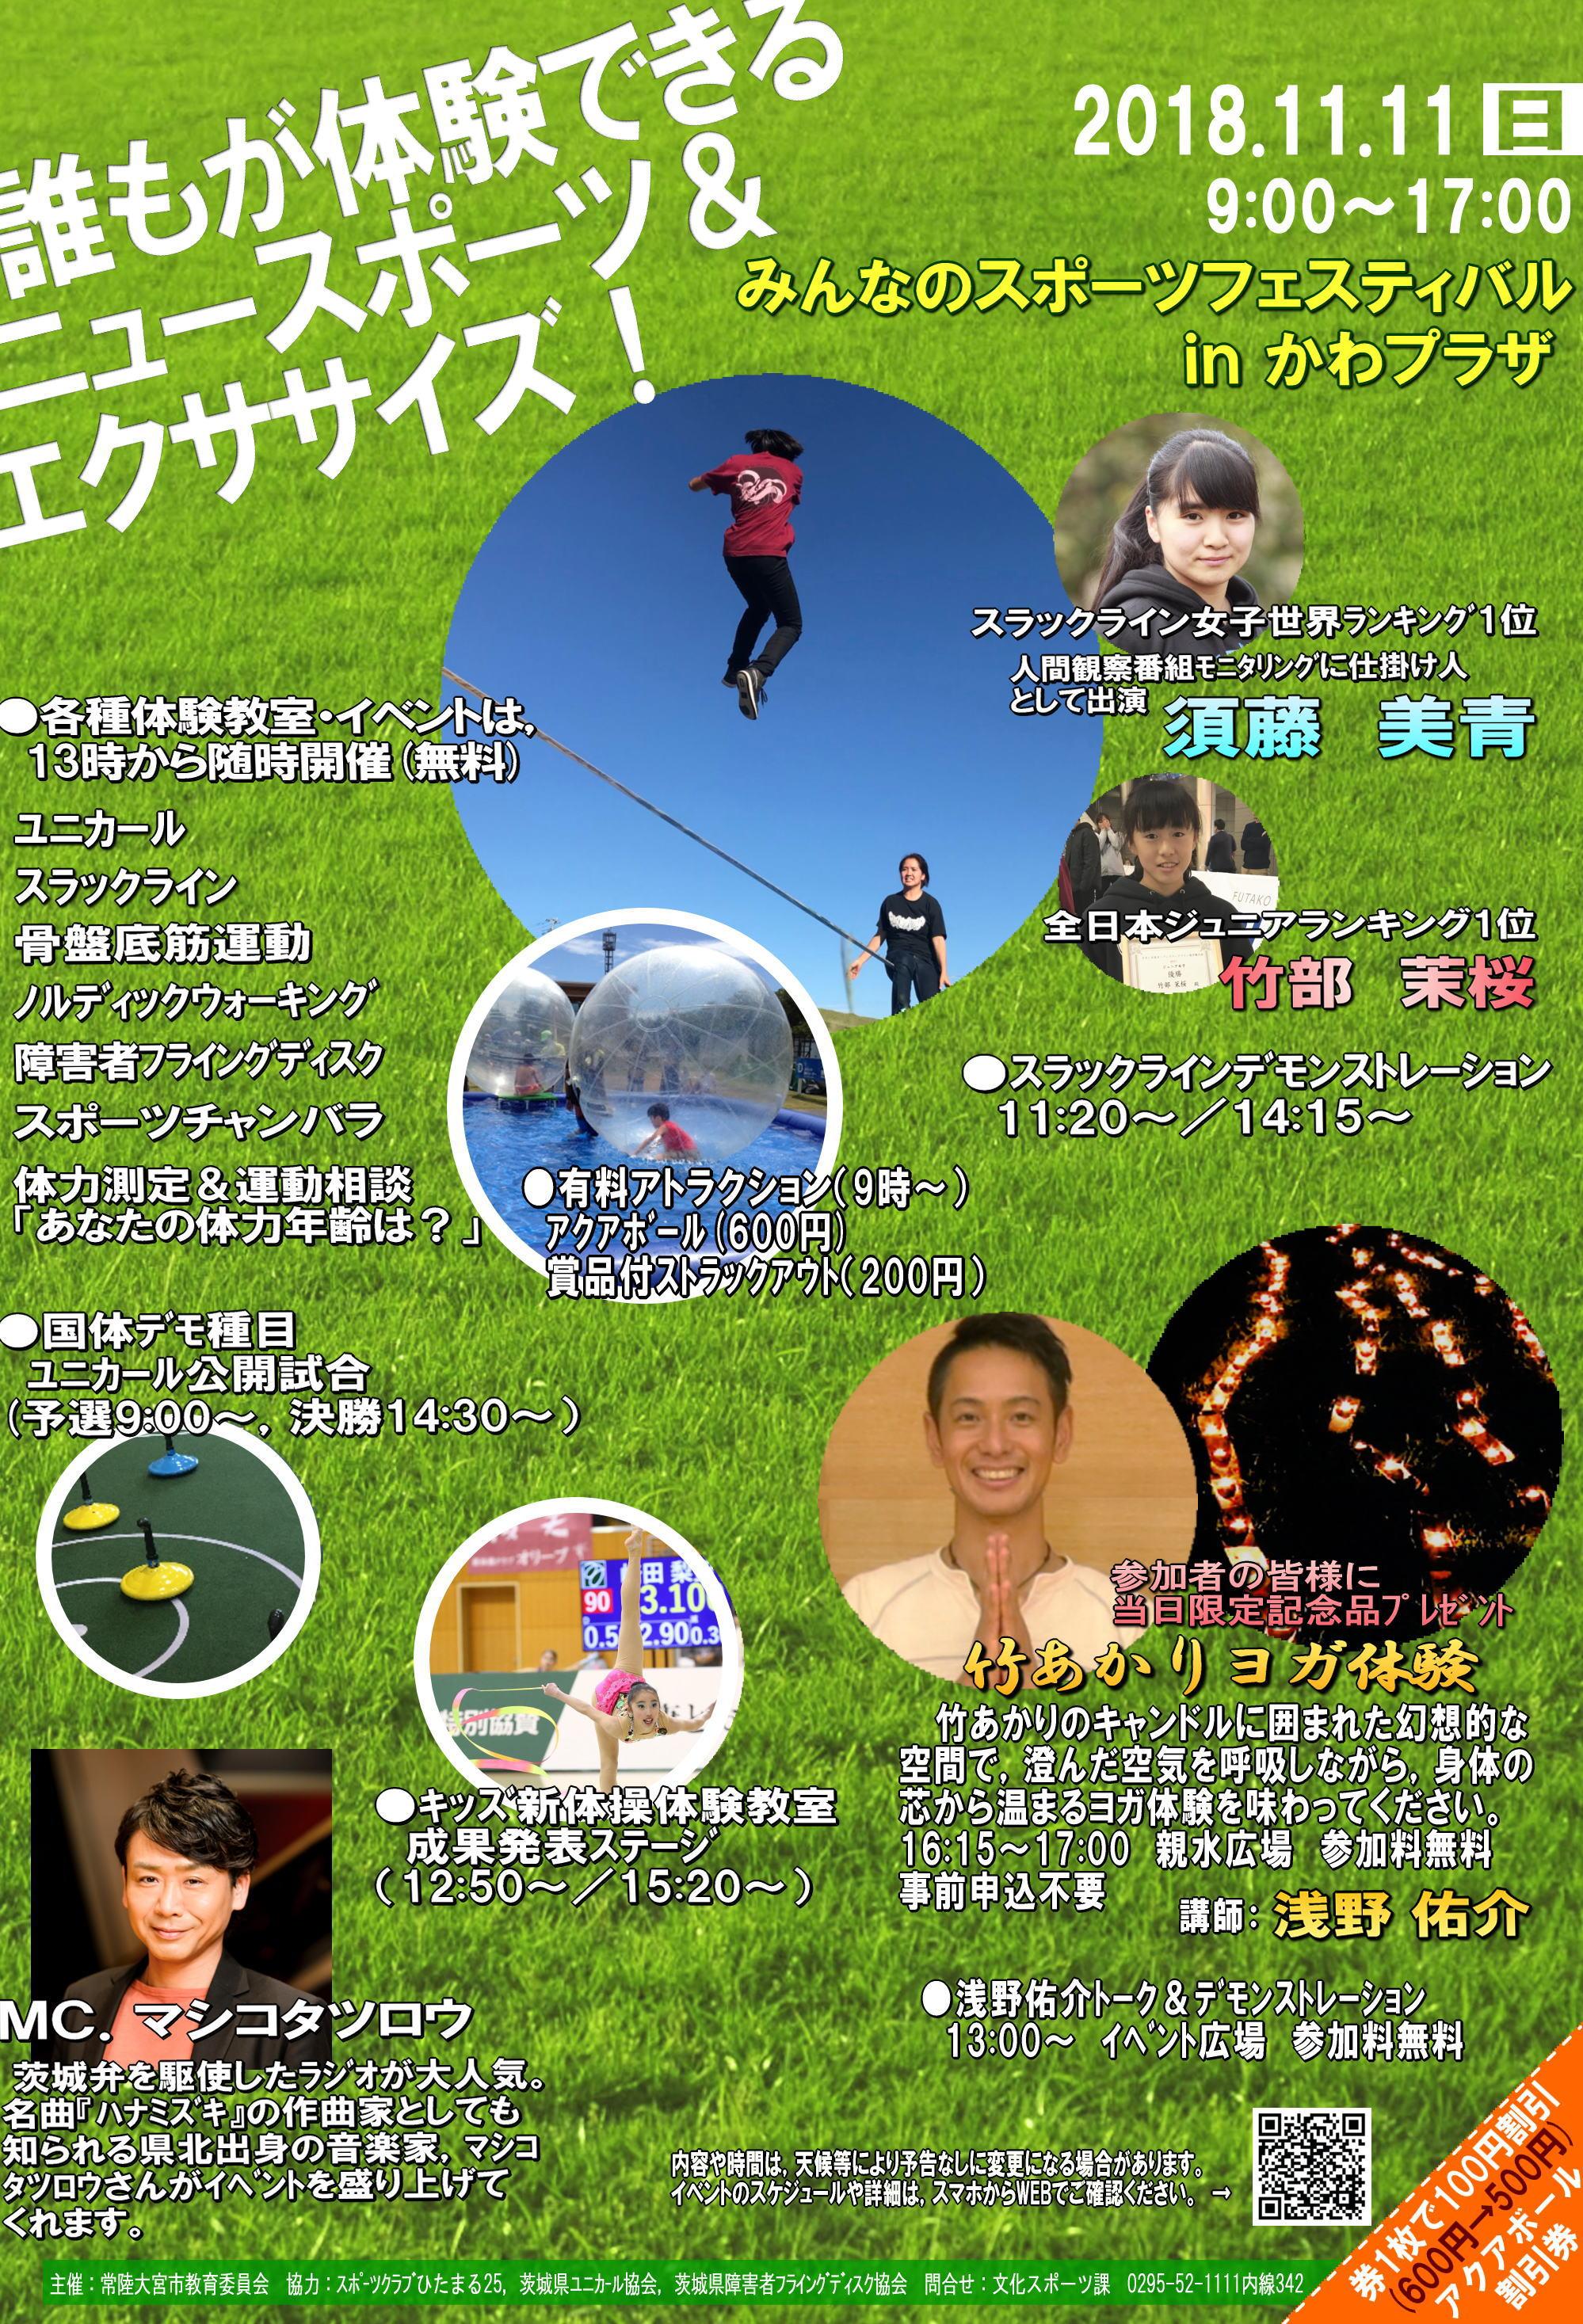 みんなのスポーツフェスティバル チラシ(最終)